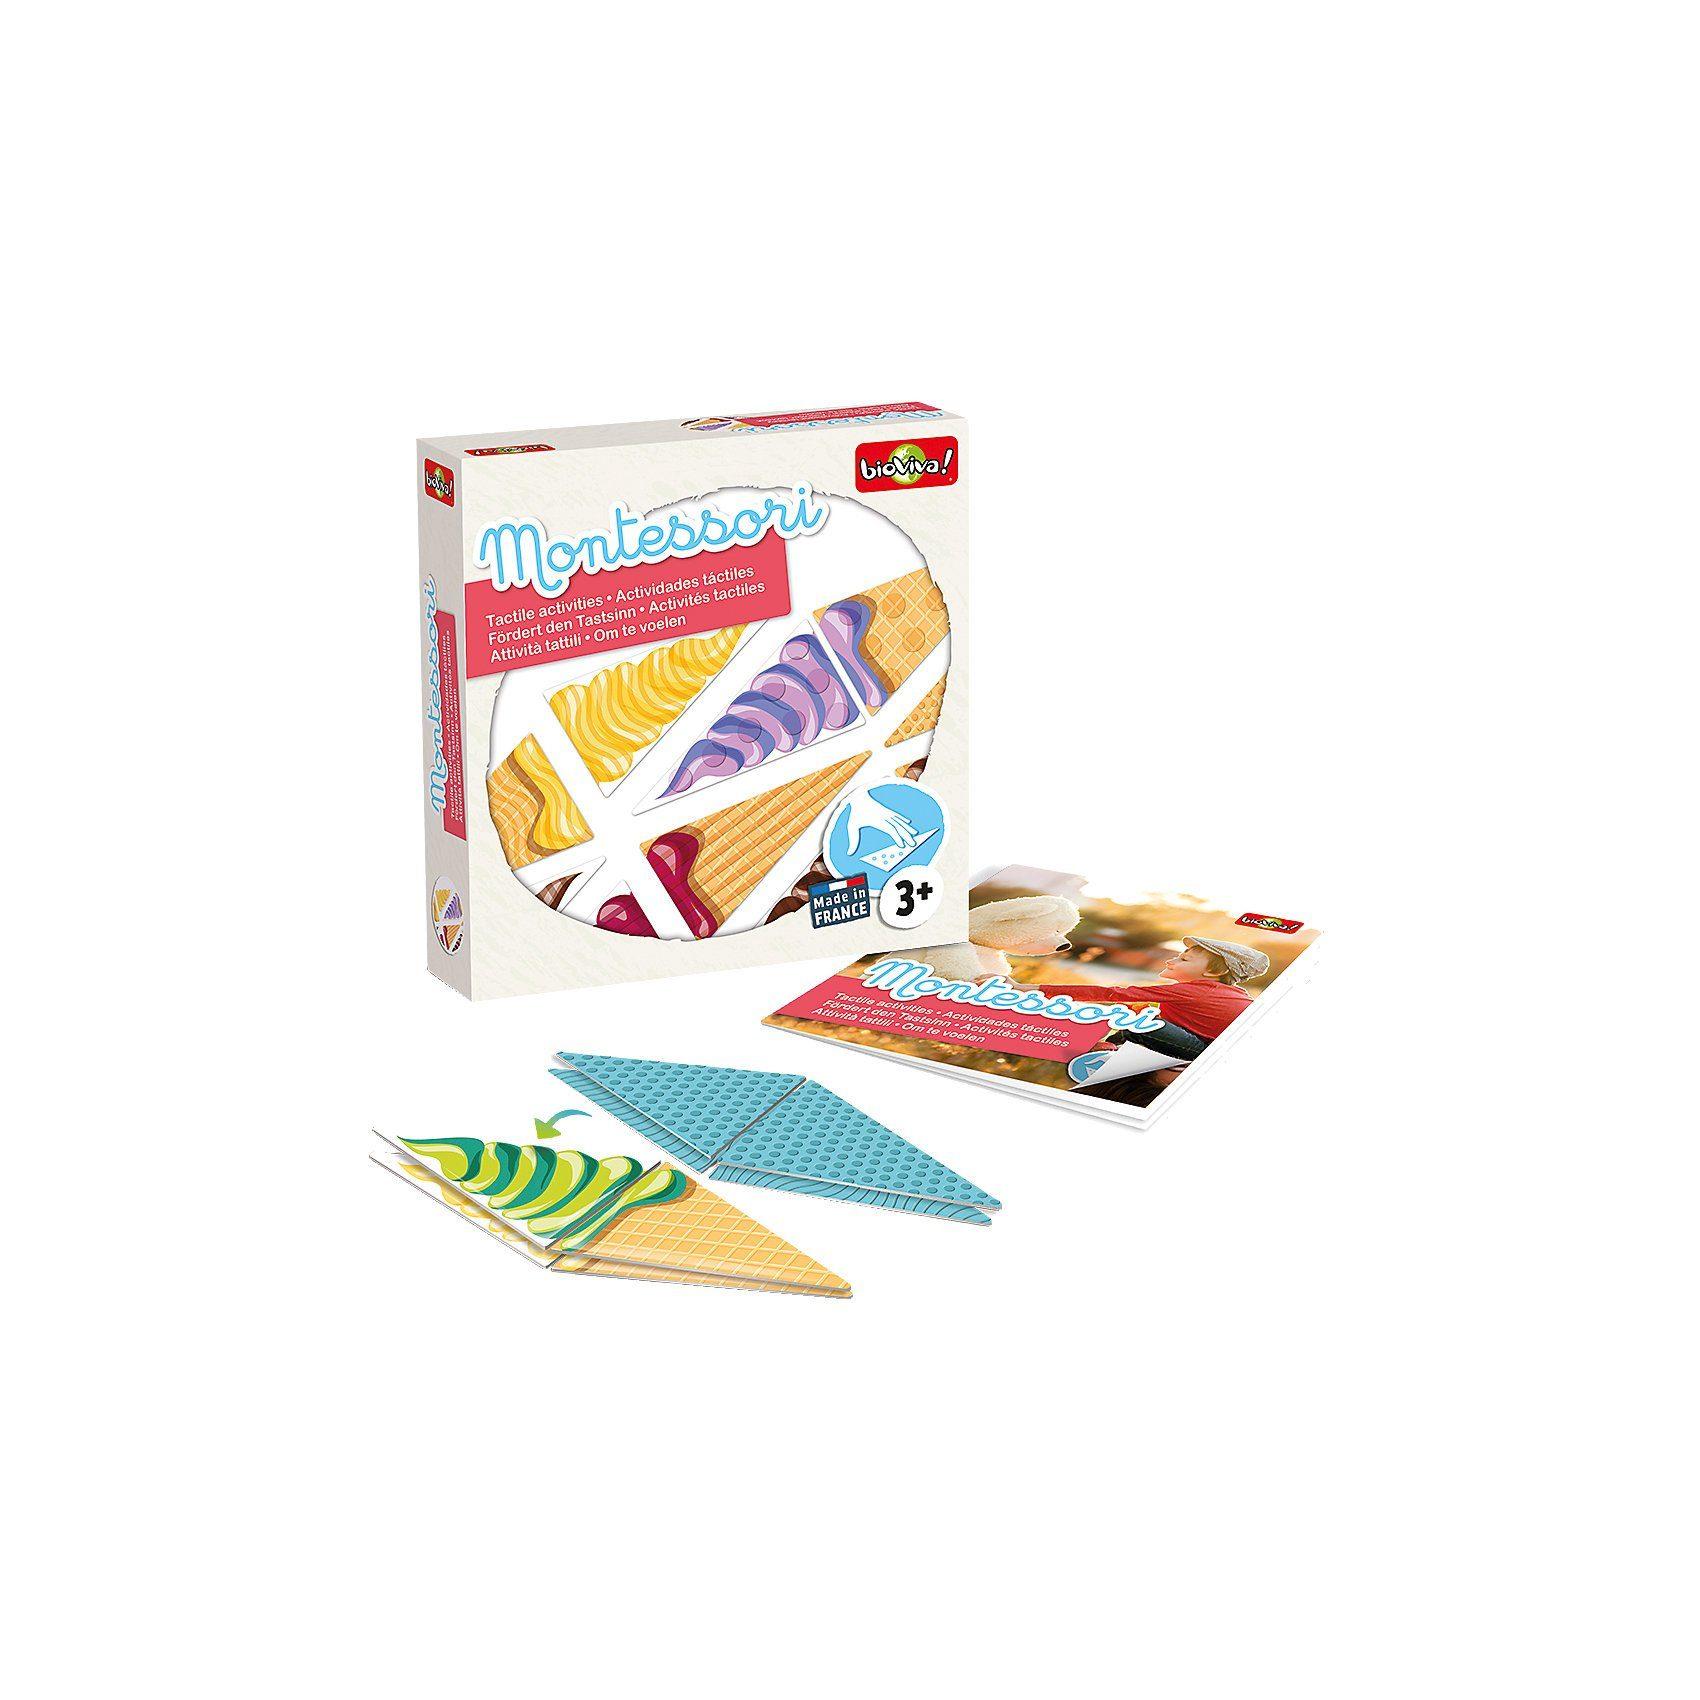 Bioviva Montessori - Tastsinn